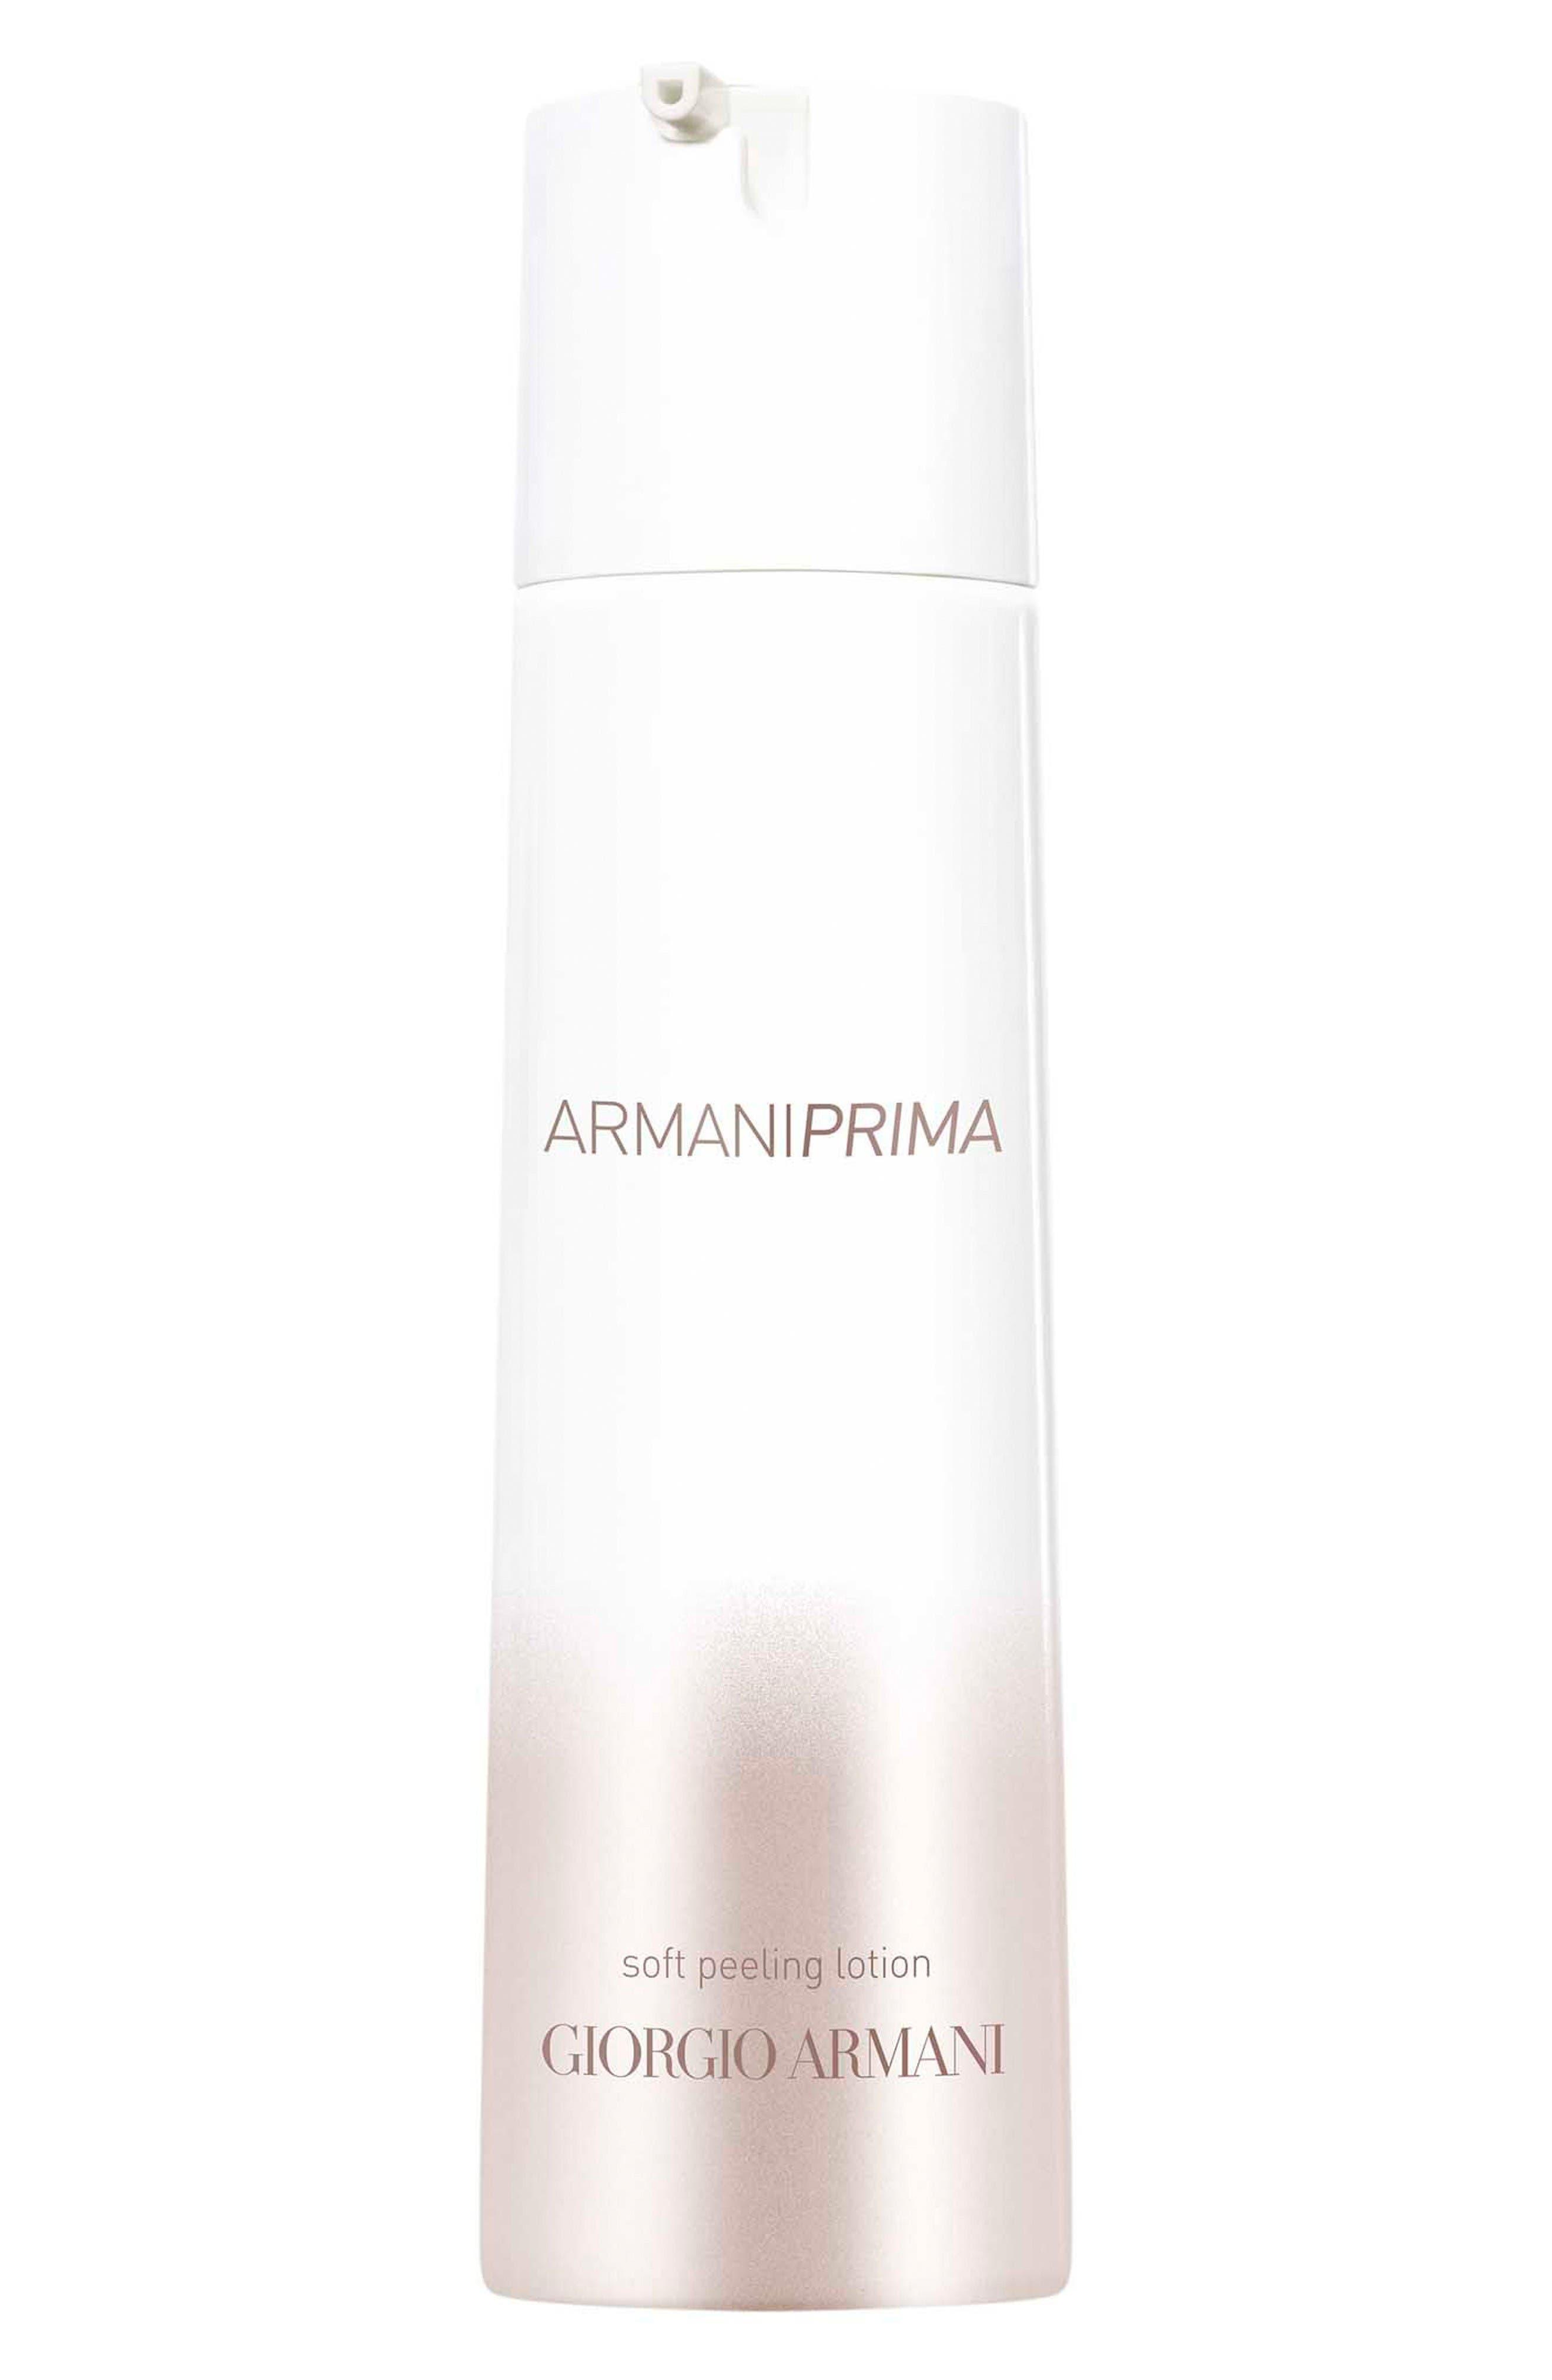 Alternate Image 1 Selected - Giorgio Armani Prima Soft Peeling Lotion